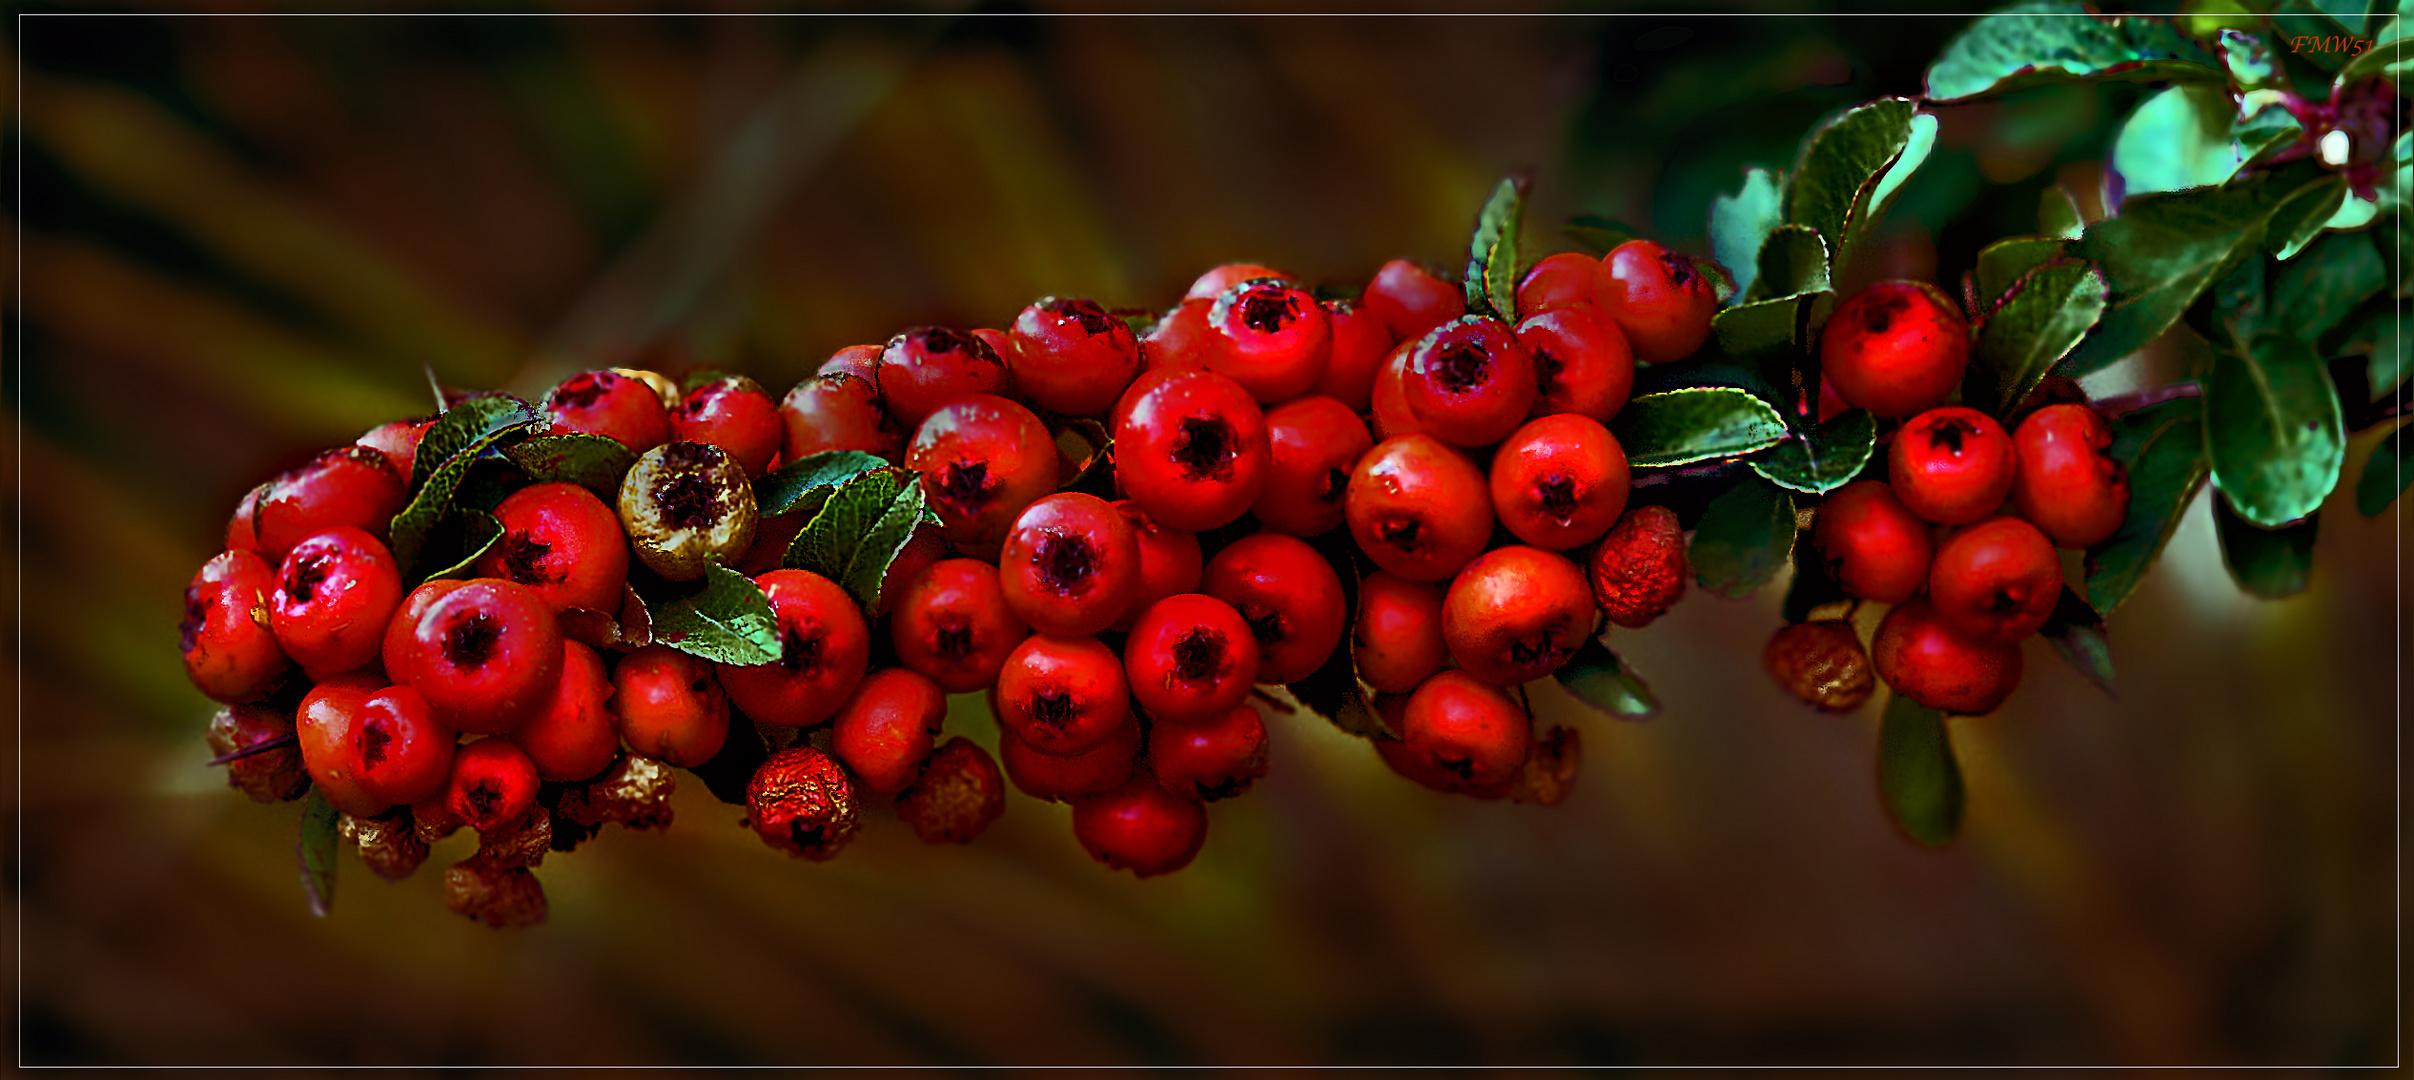 rote kullern am strauch foto bild pflanzen pilze flechten fr chte und beeren natur und. Black Bedroom Furniture Sets. Home Design Ideas